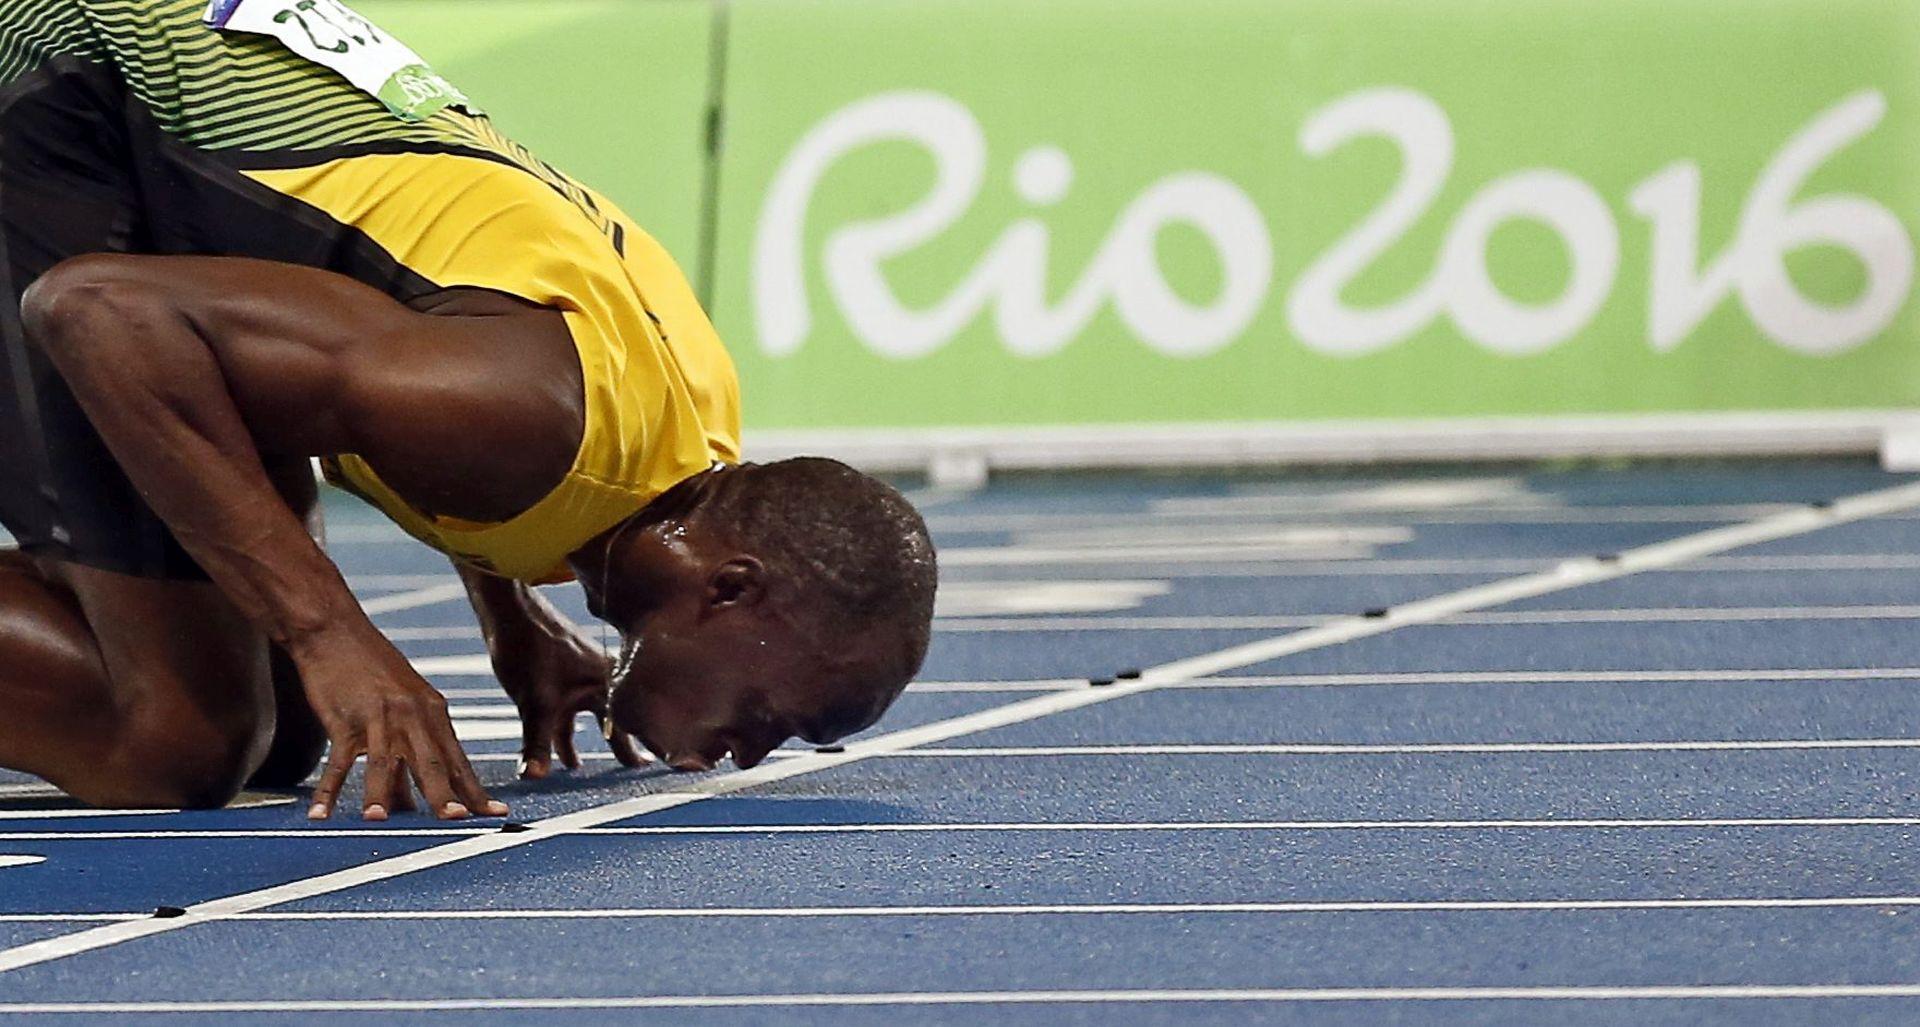 IZBOR L'EQUIPEA: Bolt i Biles najbolji sportaši svijeta